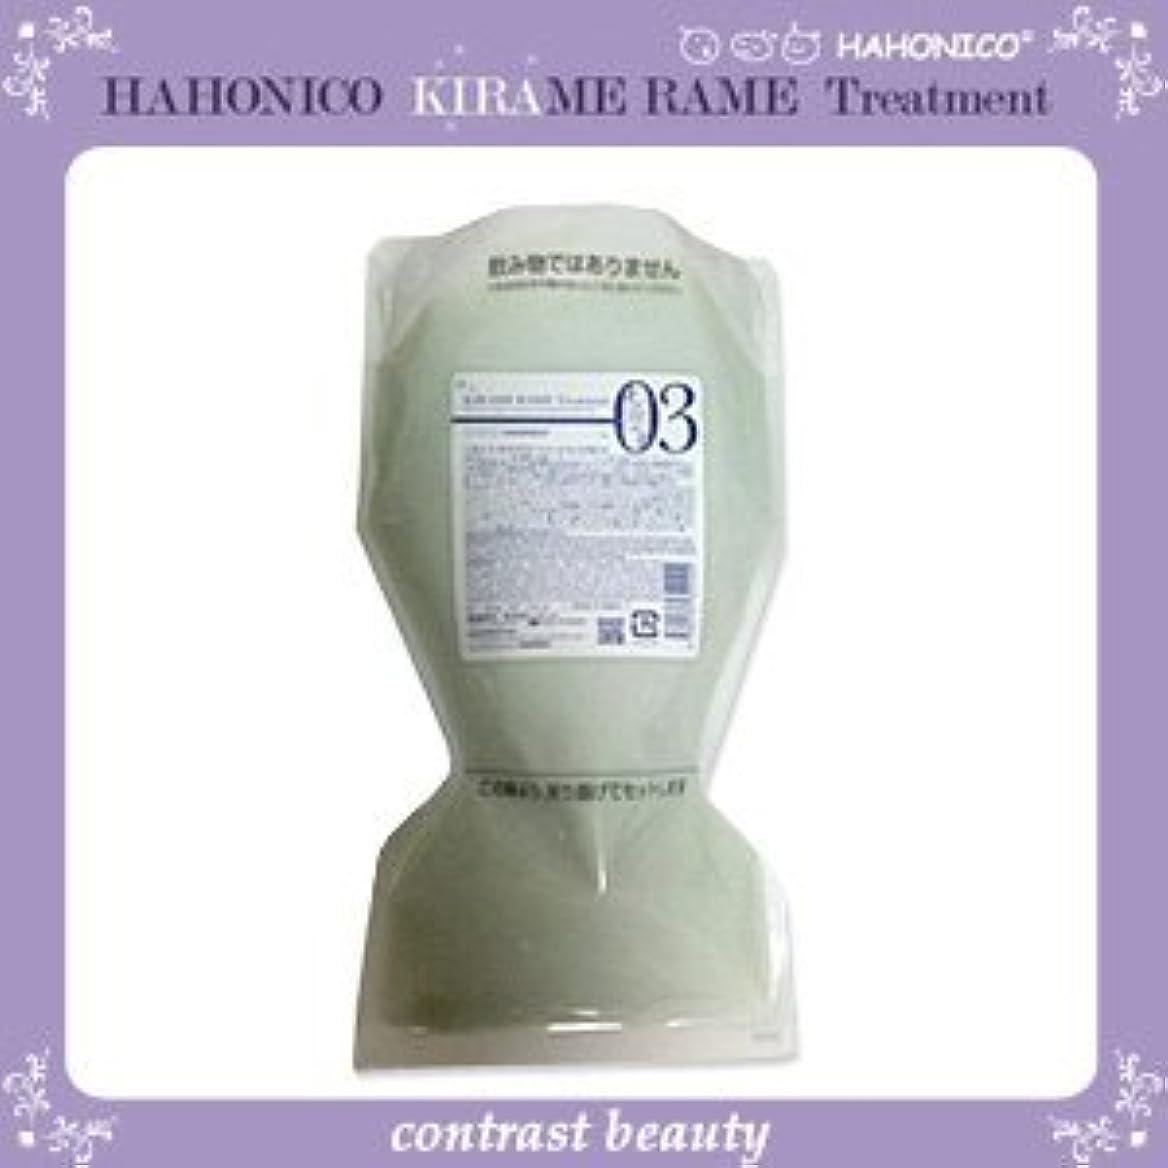 インフレーション起きろ人気のハホニコ キラメラメ トリートメントNo.3 500g(詰め替え) KIRAME RAME HAHONICO